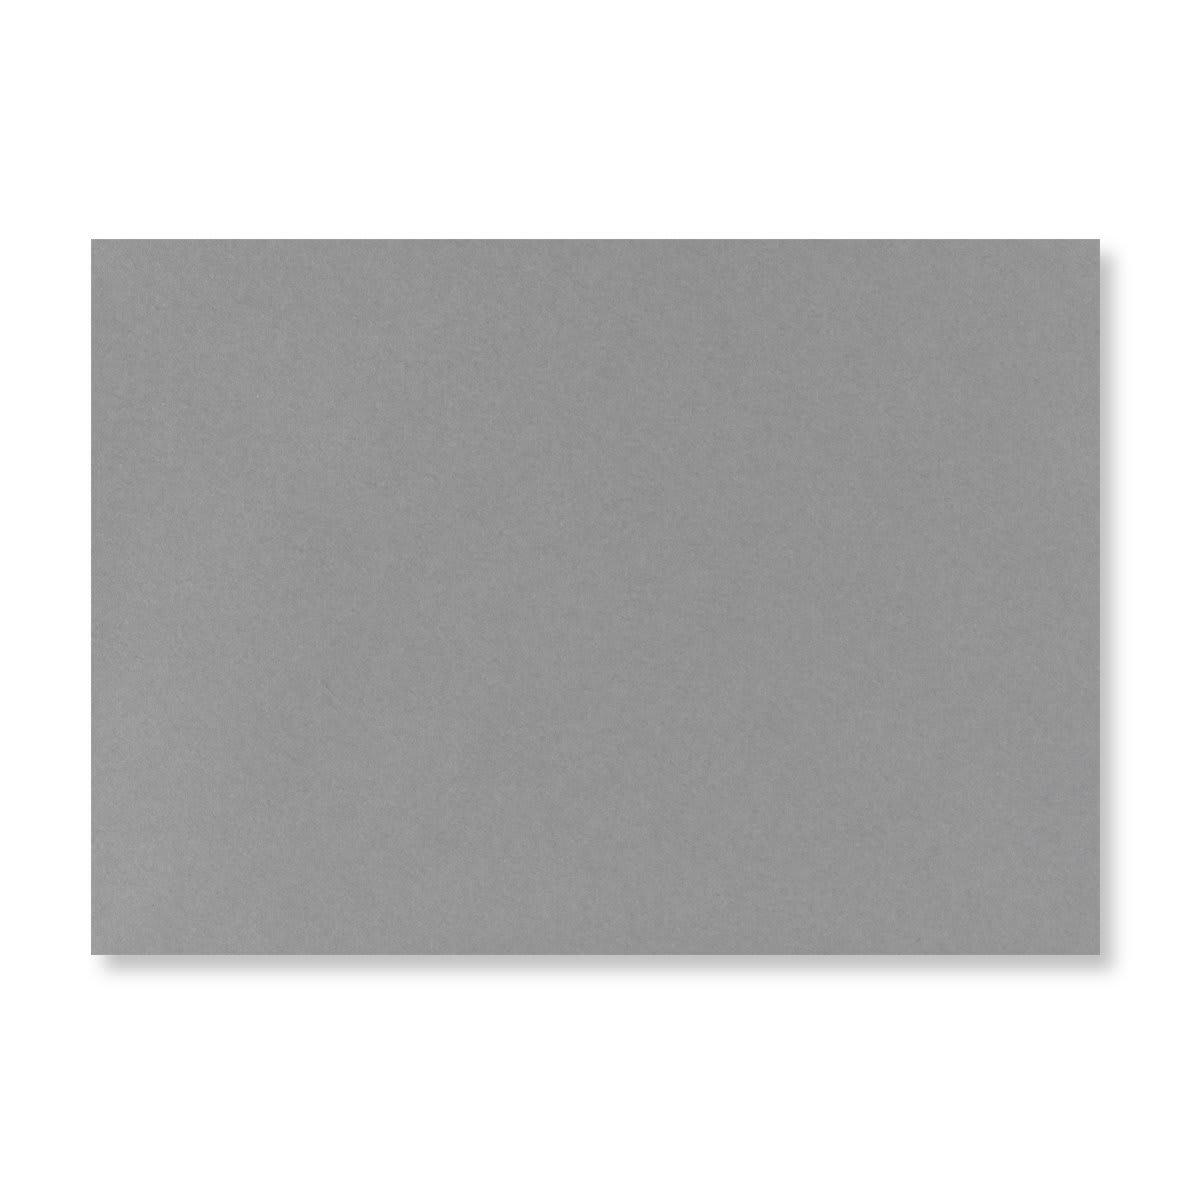 DARK GREY 125 x 175 mm ENVELOPES